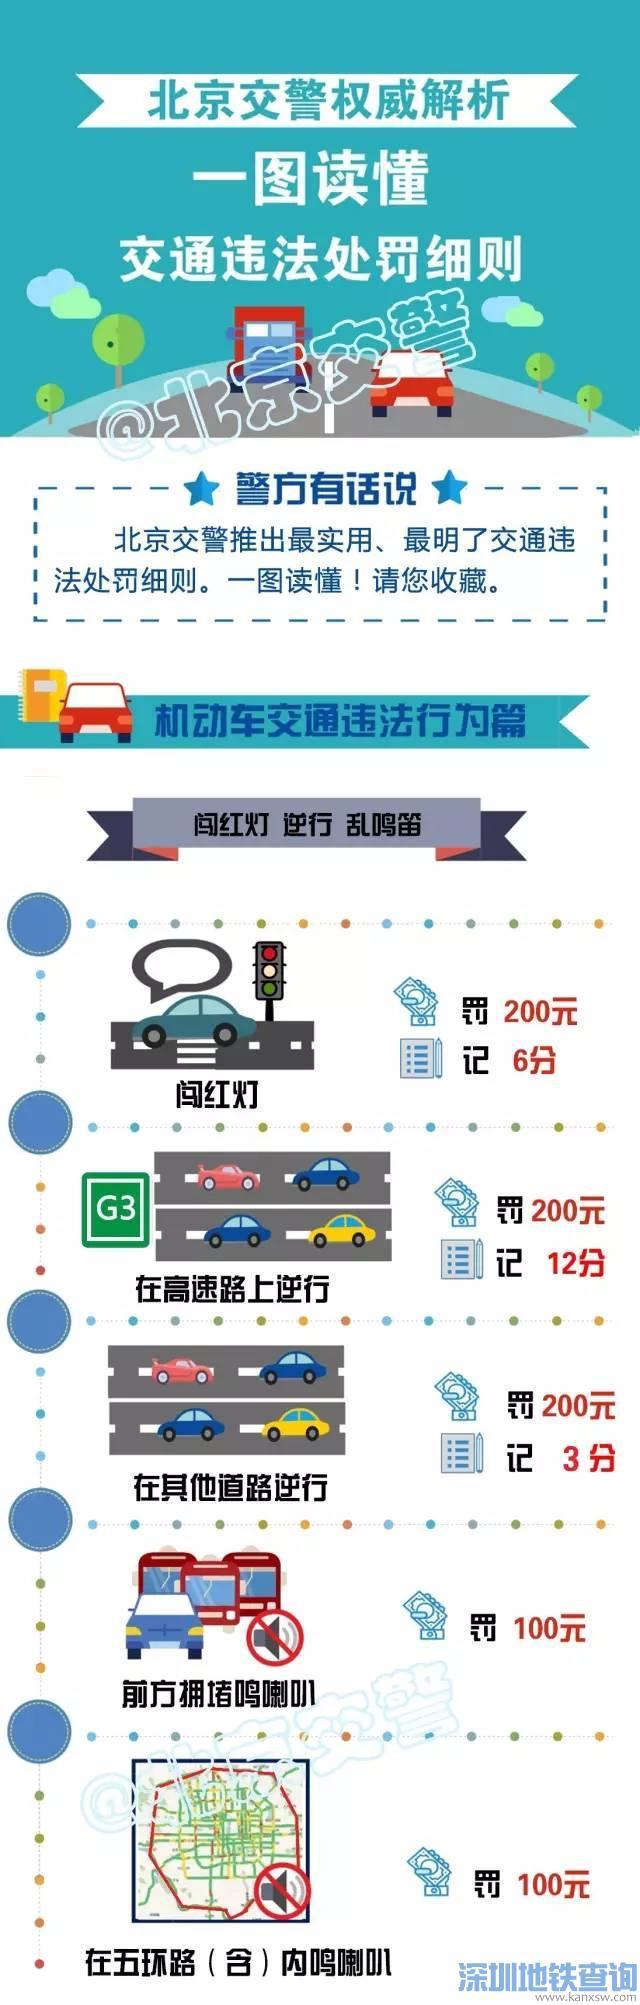 2017北京常见交通违法处罚标准(还有8种交通违章可申诉)